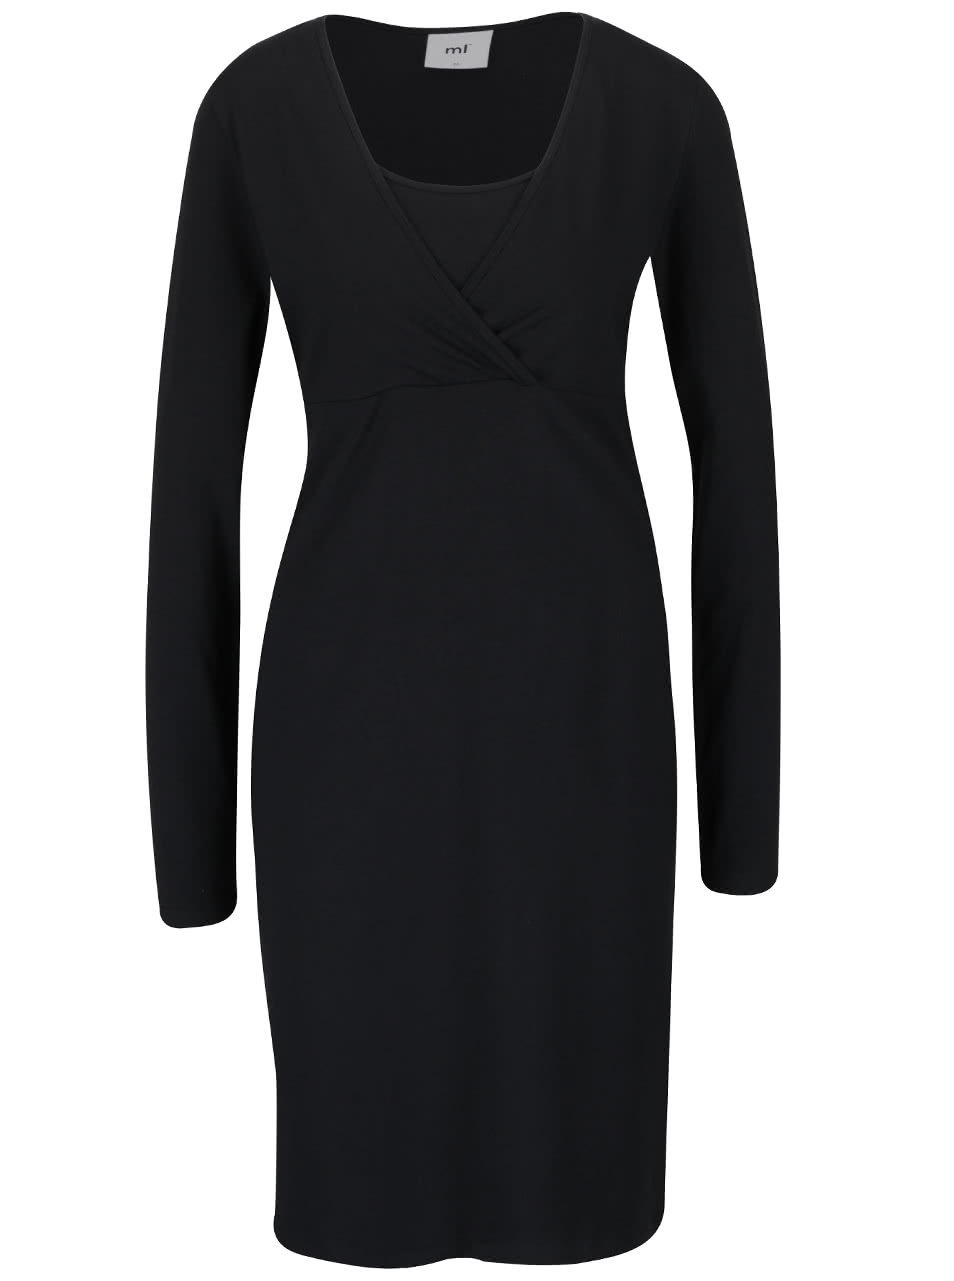 Čierne tehotenské šaty na kojenie s dlhým rukávom Mama.licious Lea ... b55cd25b610